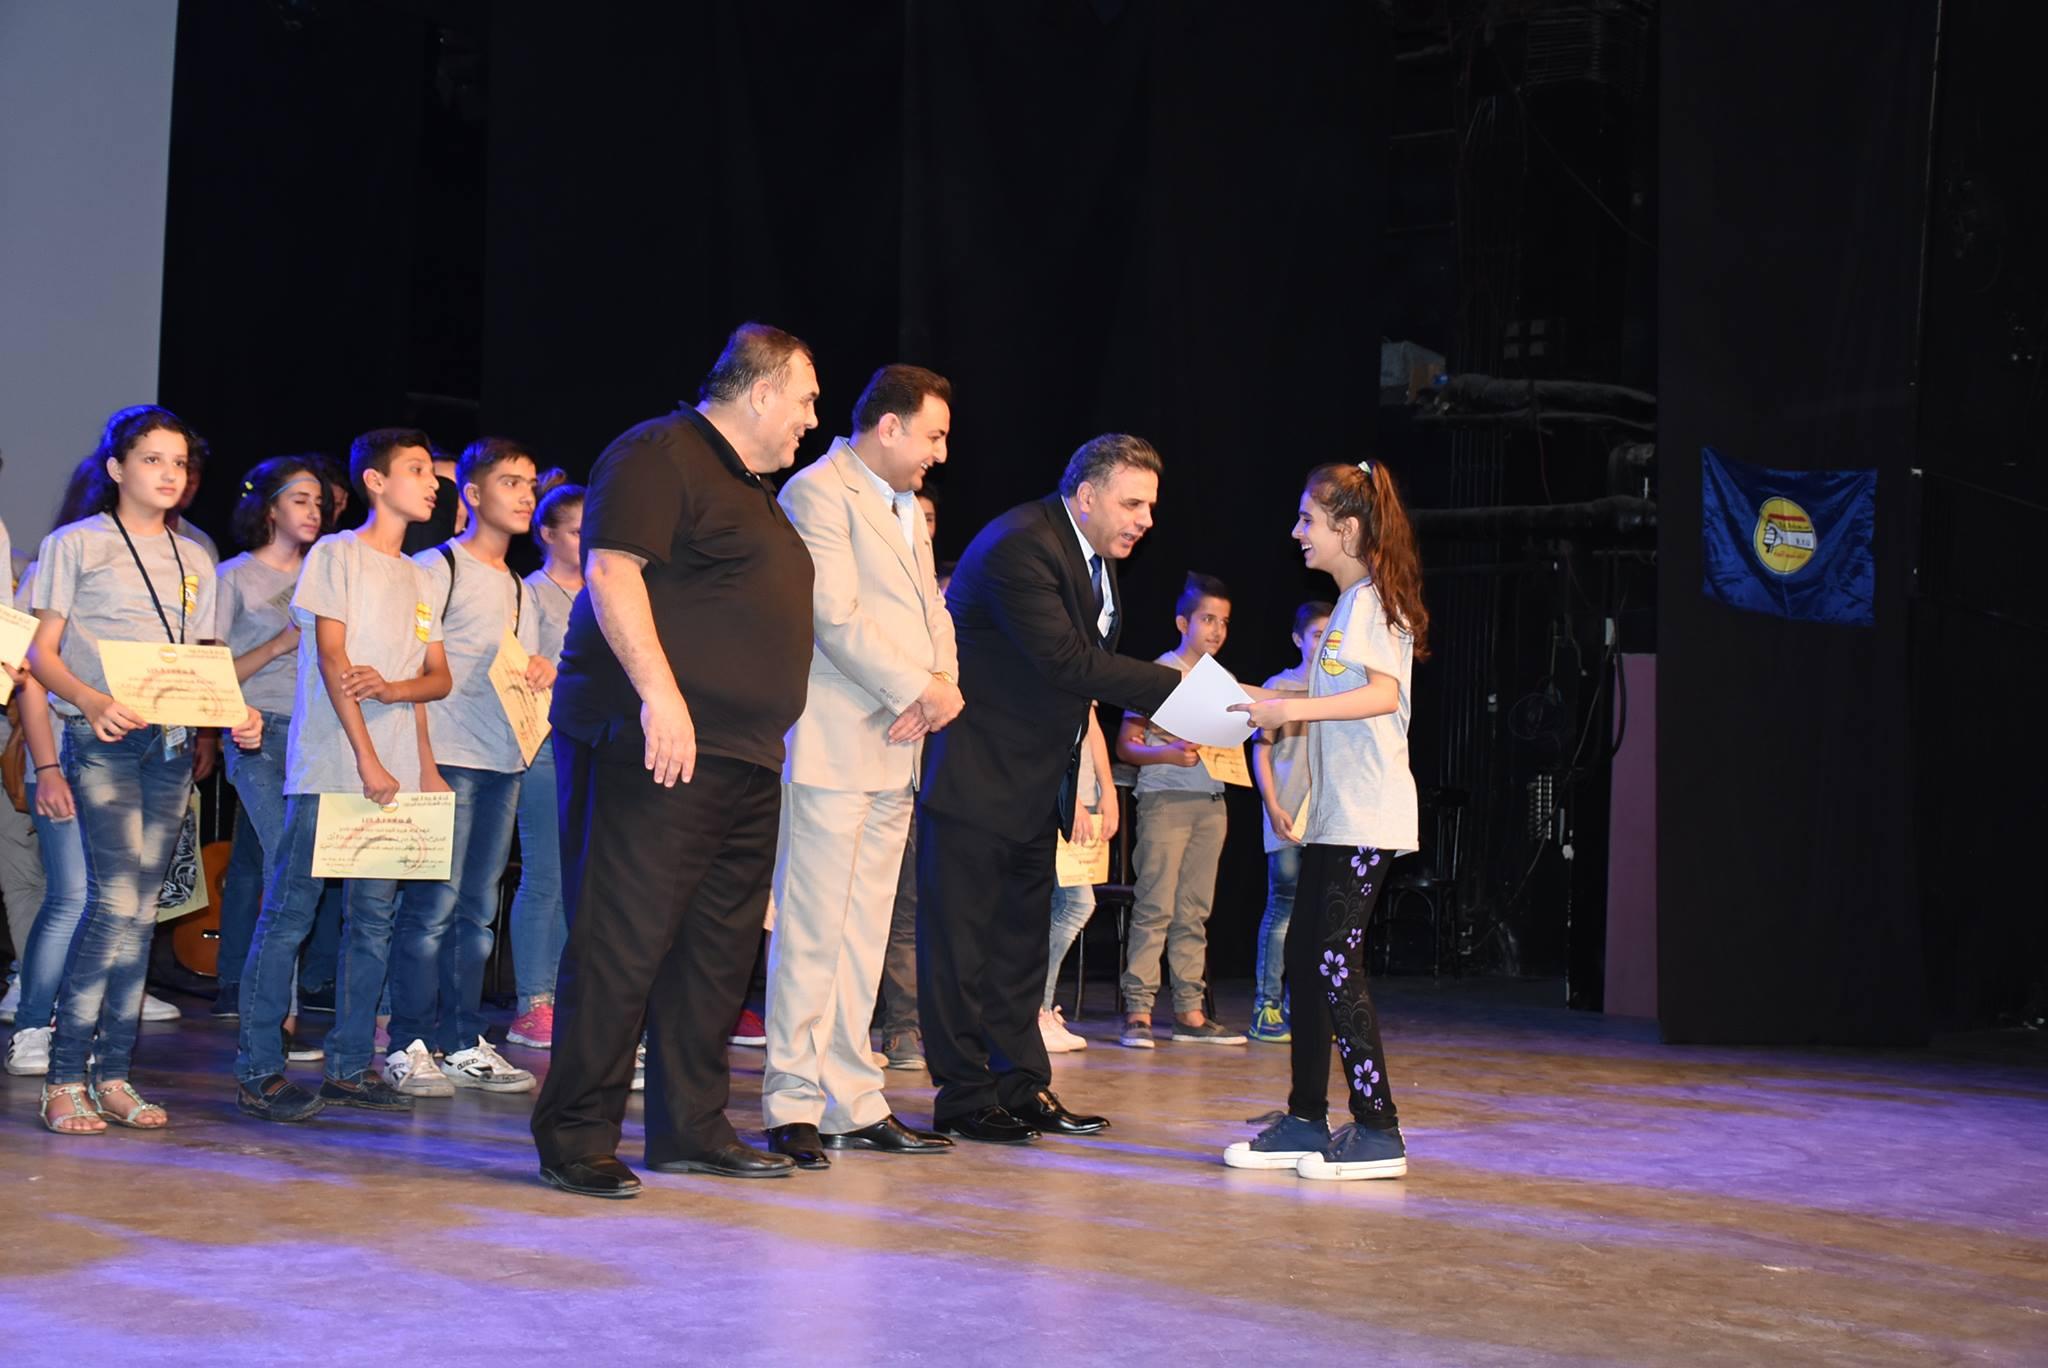 تتويج الفائزين في المسابقة الوطنية للمواهب الفنية الشابة